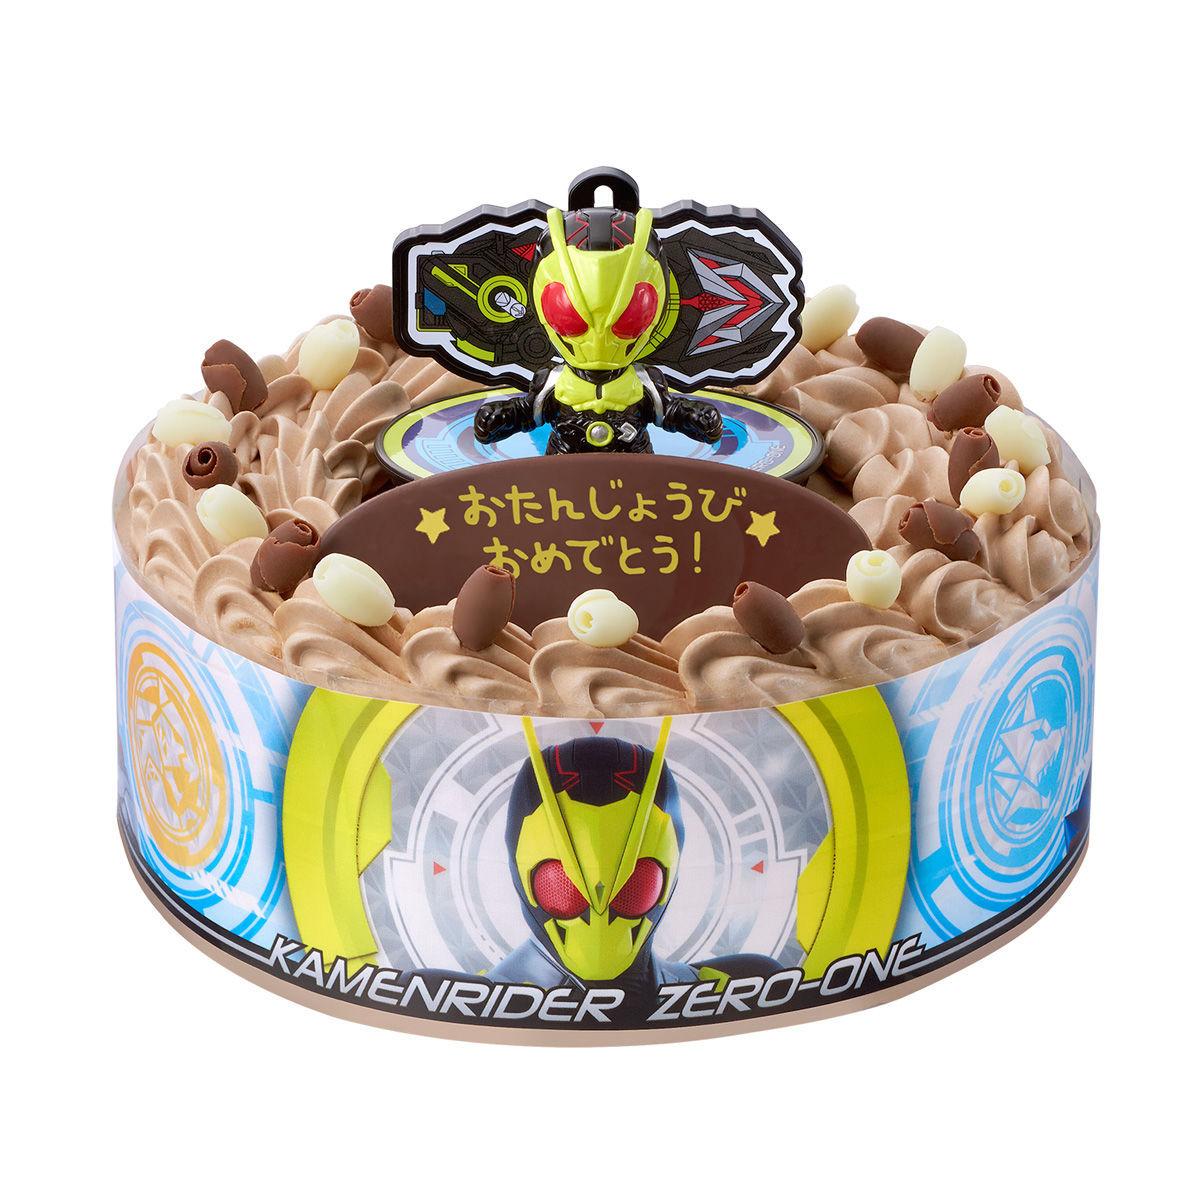 キャラデコお祝いケーキ 仮面ライダーゼロワン(チョコクリーム)[5号サイズ]_8